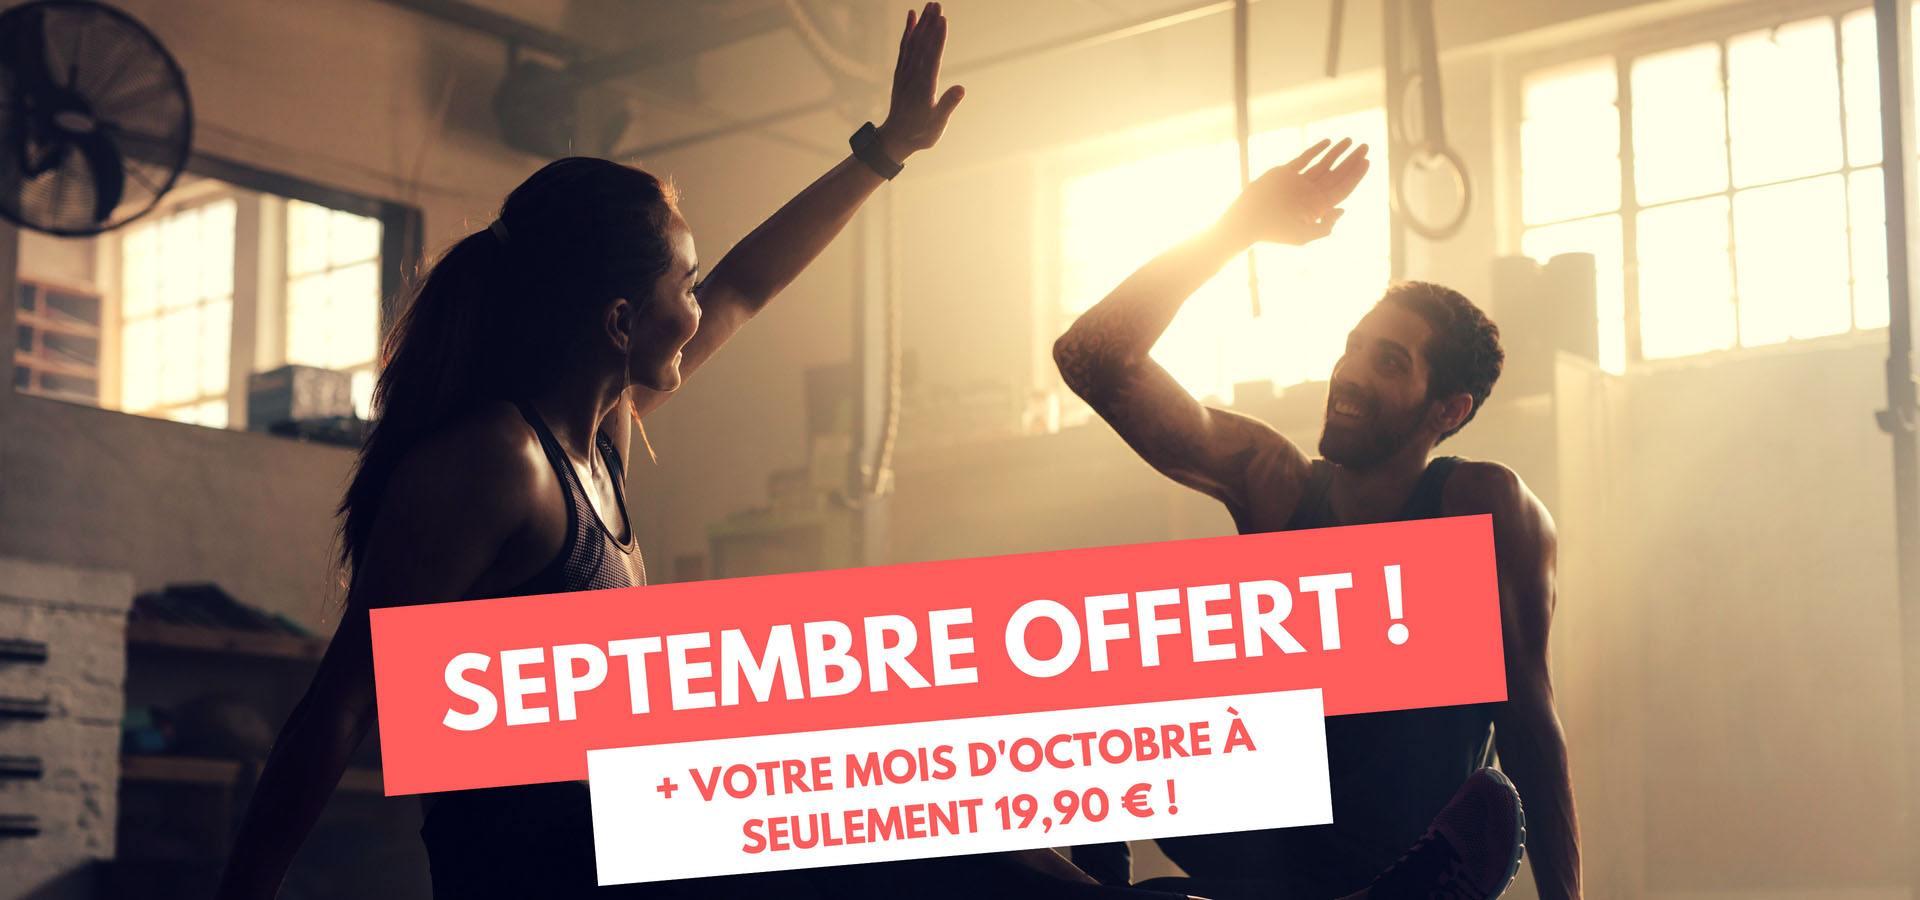 Unity Factory Paris 14 - Offre Septembre